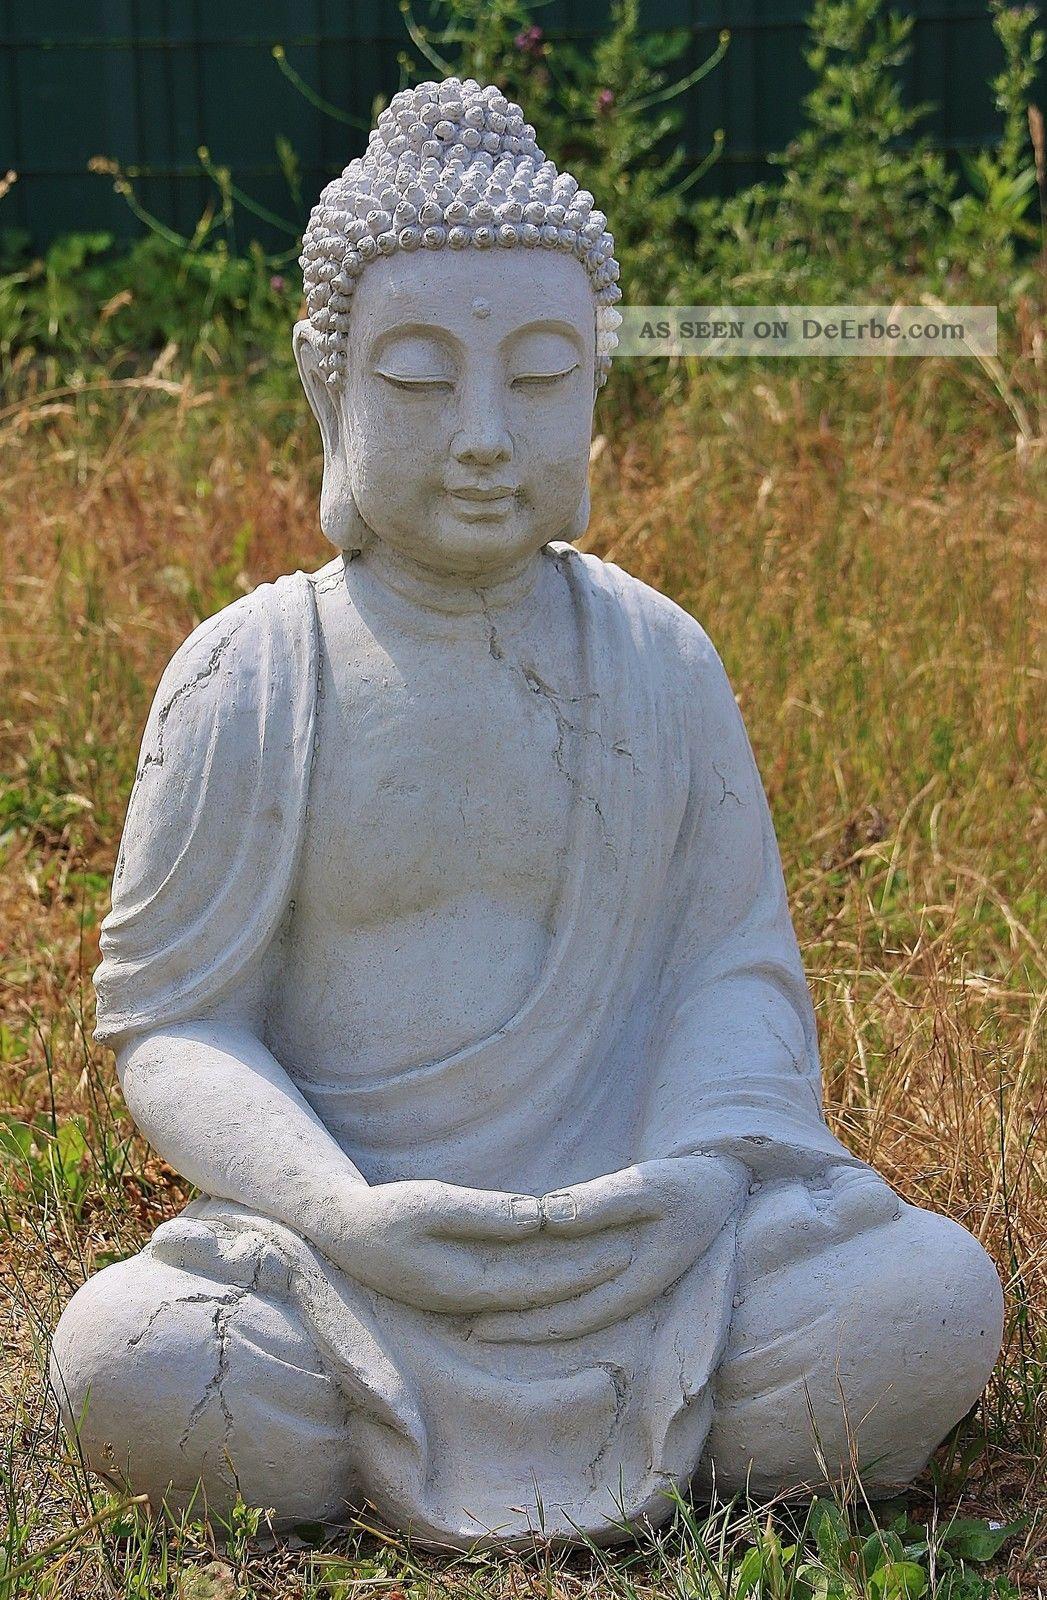 Buddha HÄnde Hoch Buddhas Aus Steinguss Garten & Teich Frostfest Ja - Buddha Nostalgie- & Neuware Bild